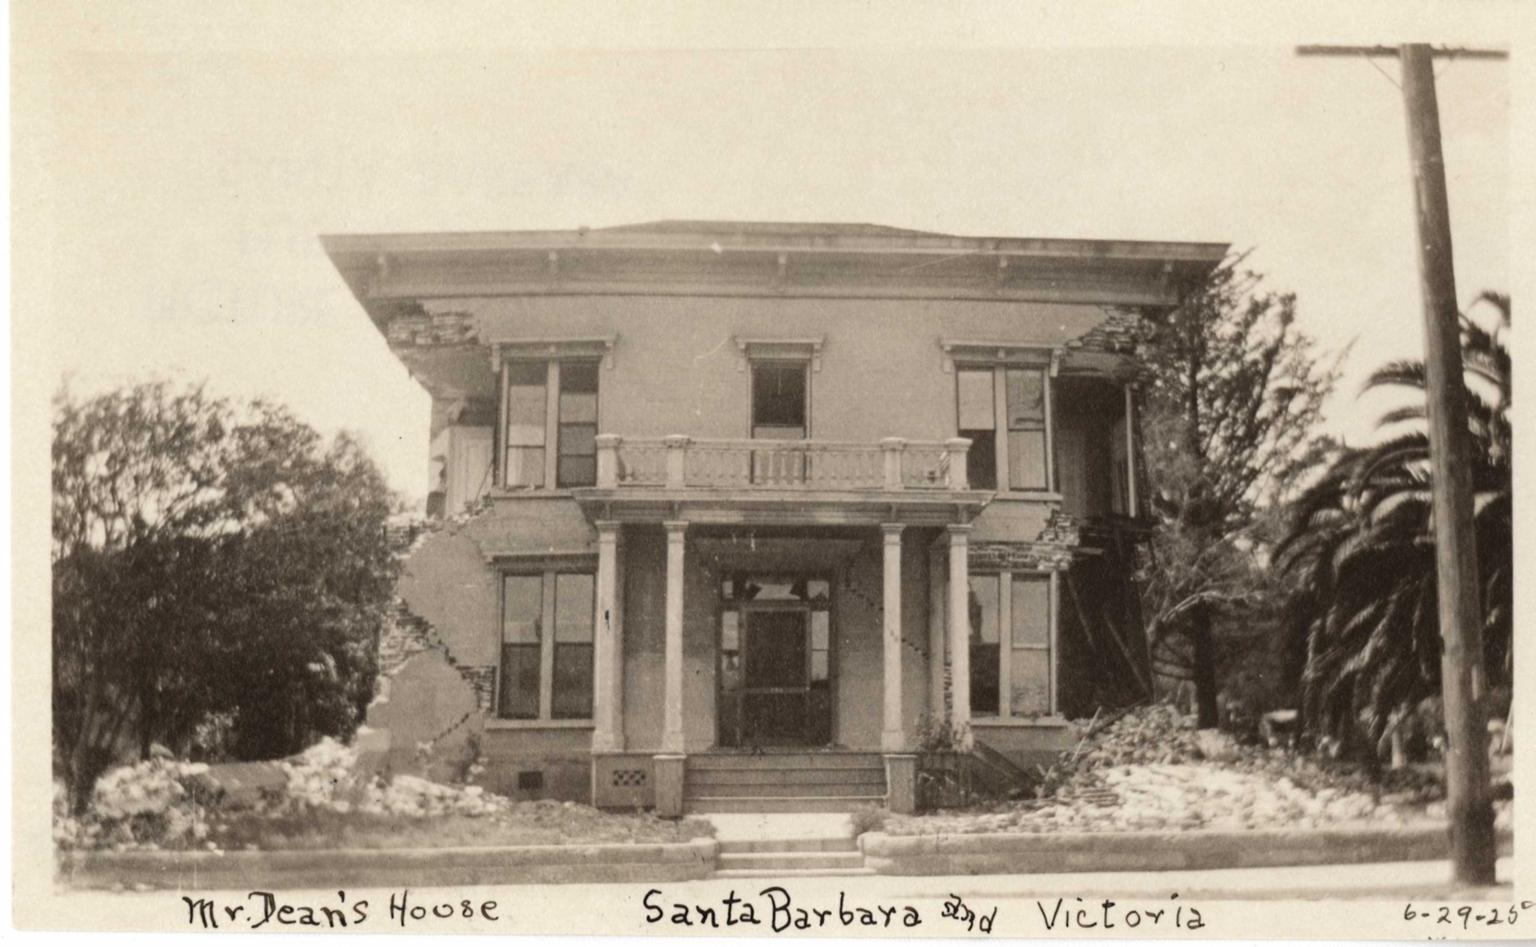 Santa Barbara 1925 Earthquake damage - Residence at Santa Barbara & Victoria St.